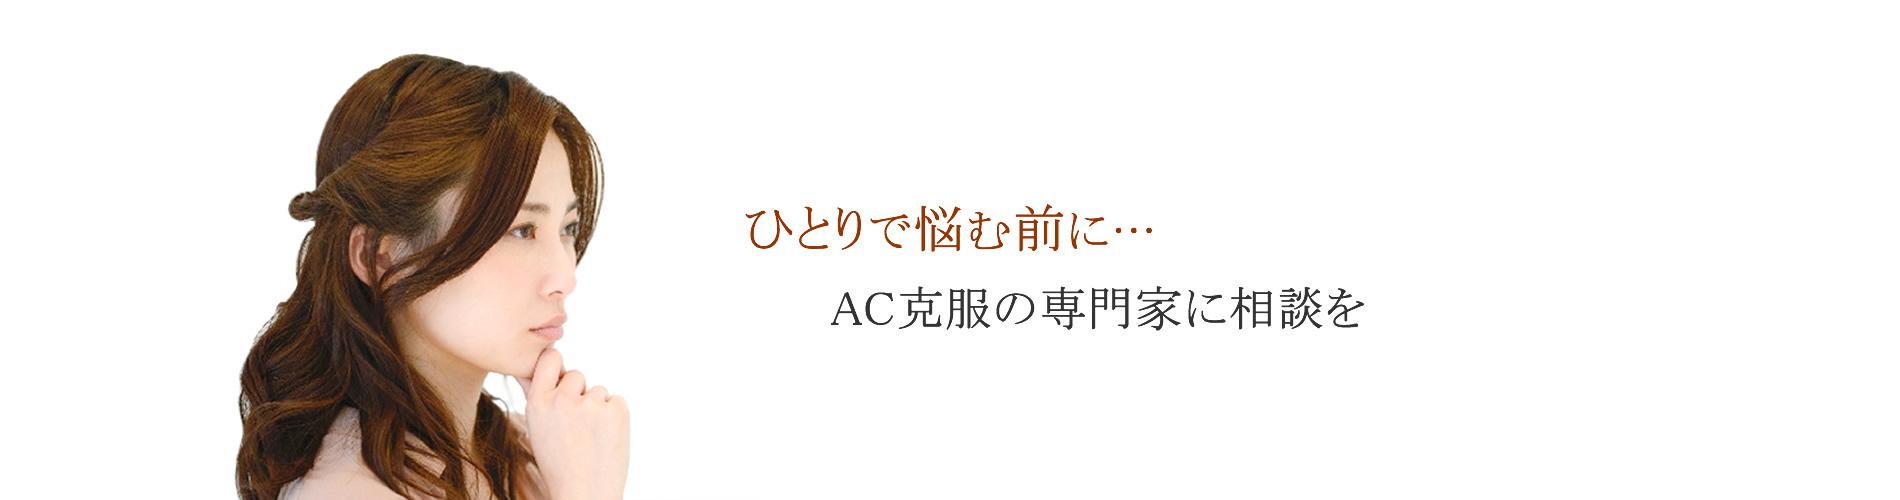 アダルトチルドレン専門カウンセリング(京都)